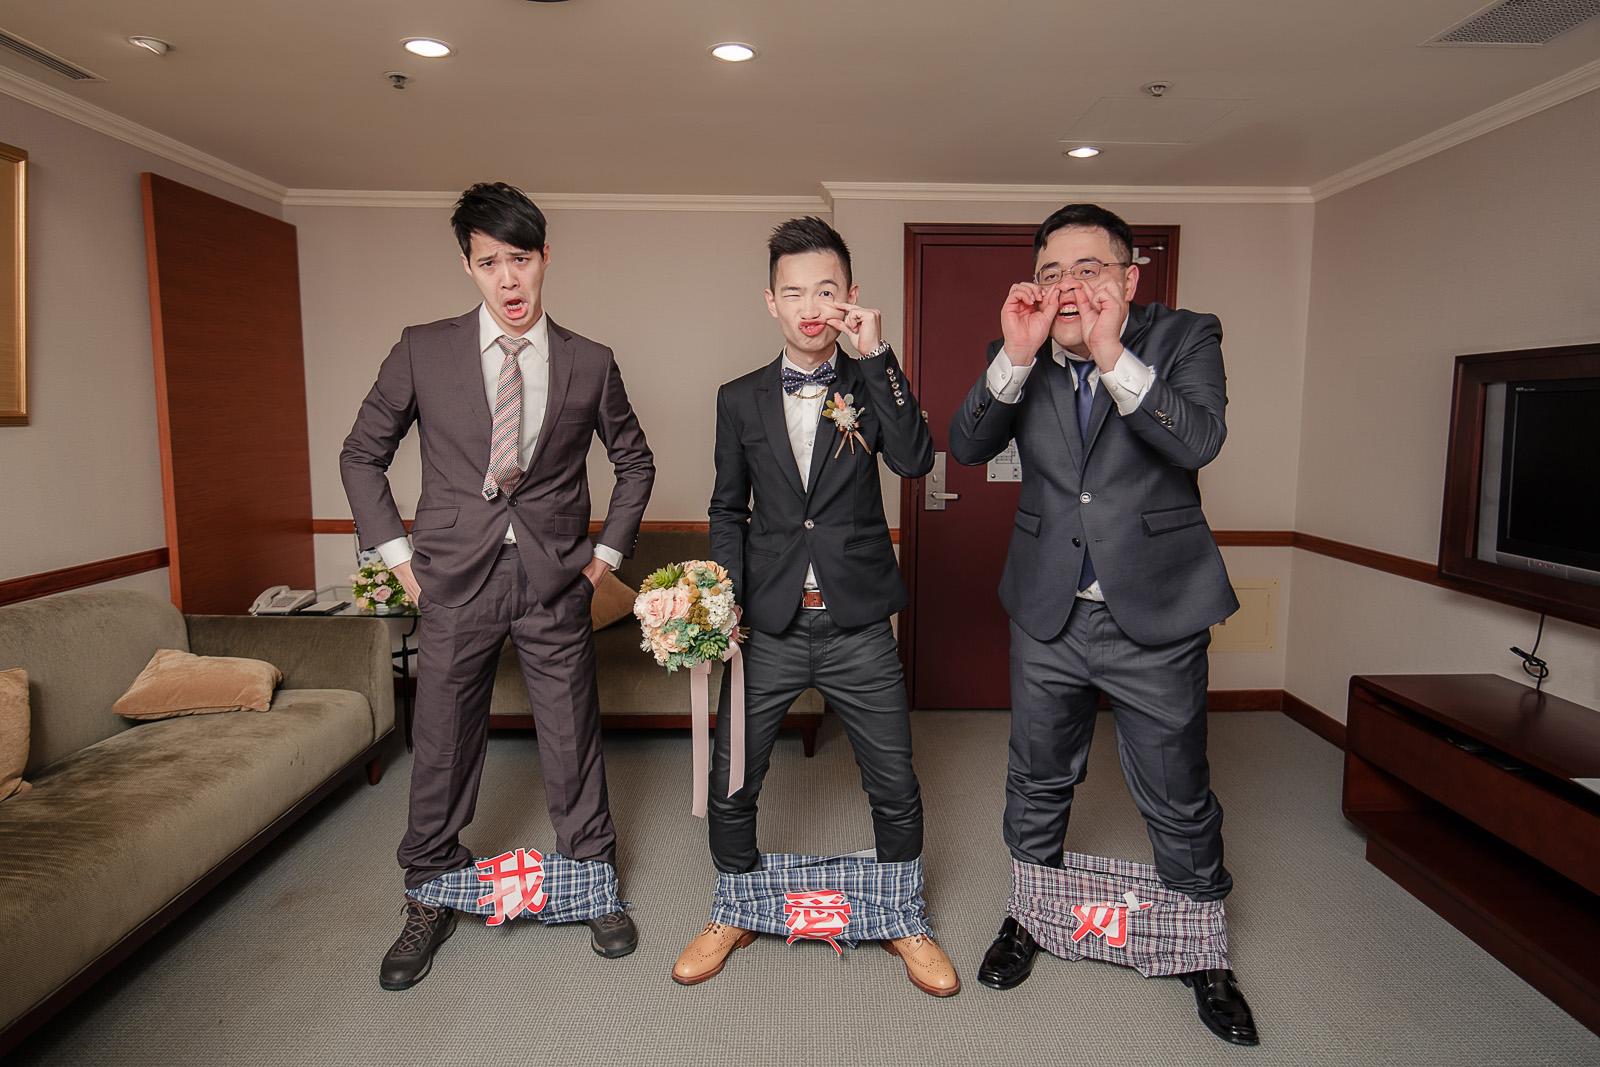 高雄圓山飯店,婚禮攝影,婚攝,高雄婚攝,優質婚攝推薦,Jen&Ethan-121